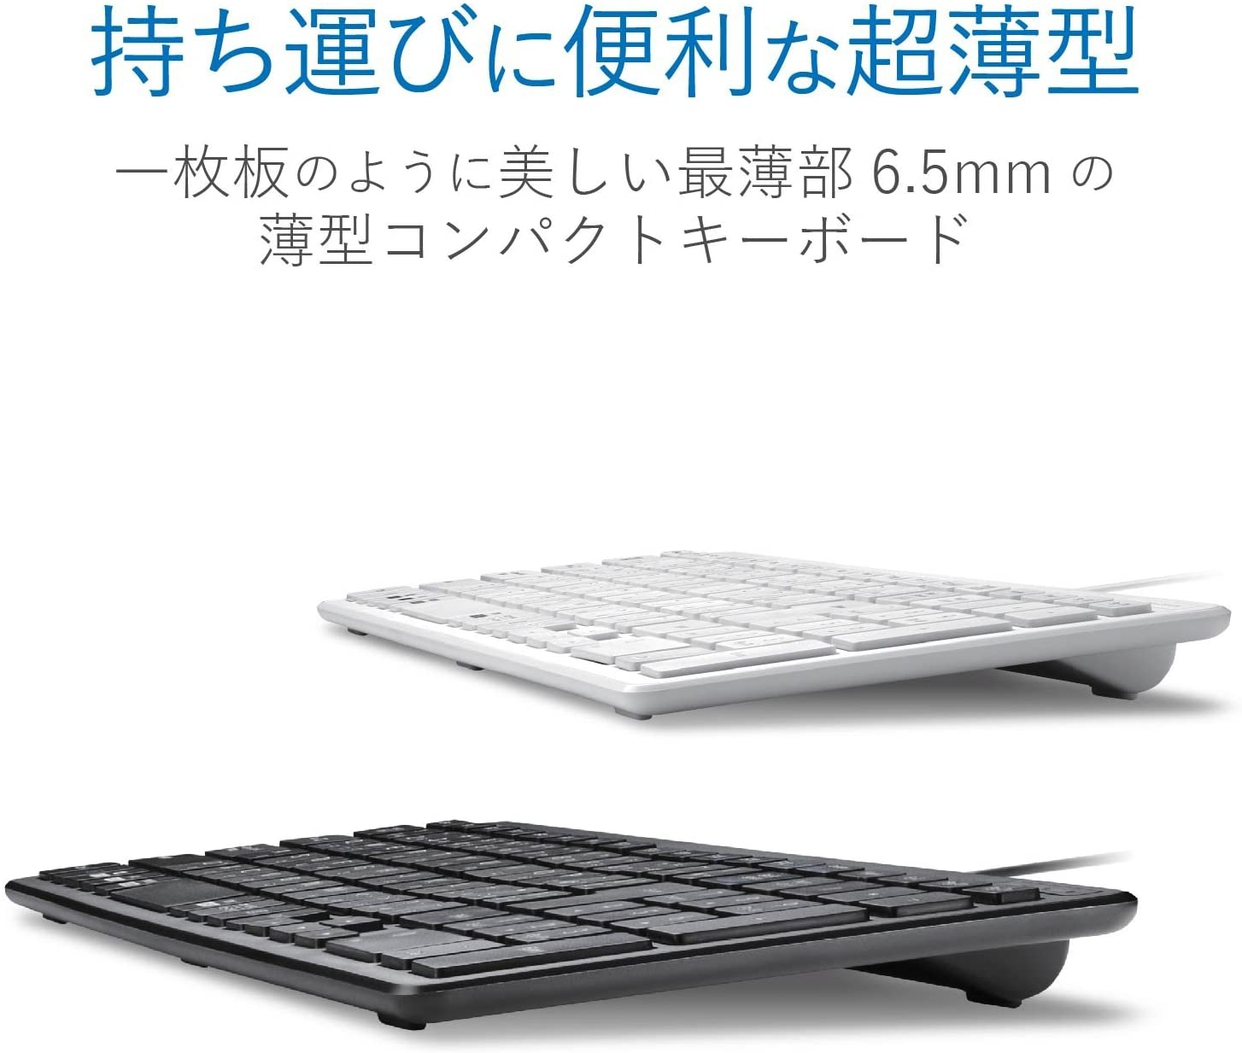 ELECOM(エレコム) 有線超薄型コンパクトキーボード TK-FCP097BKの商品画像4